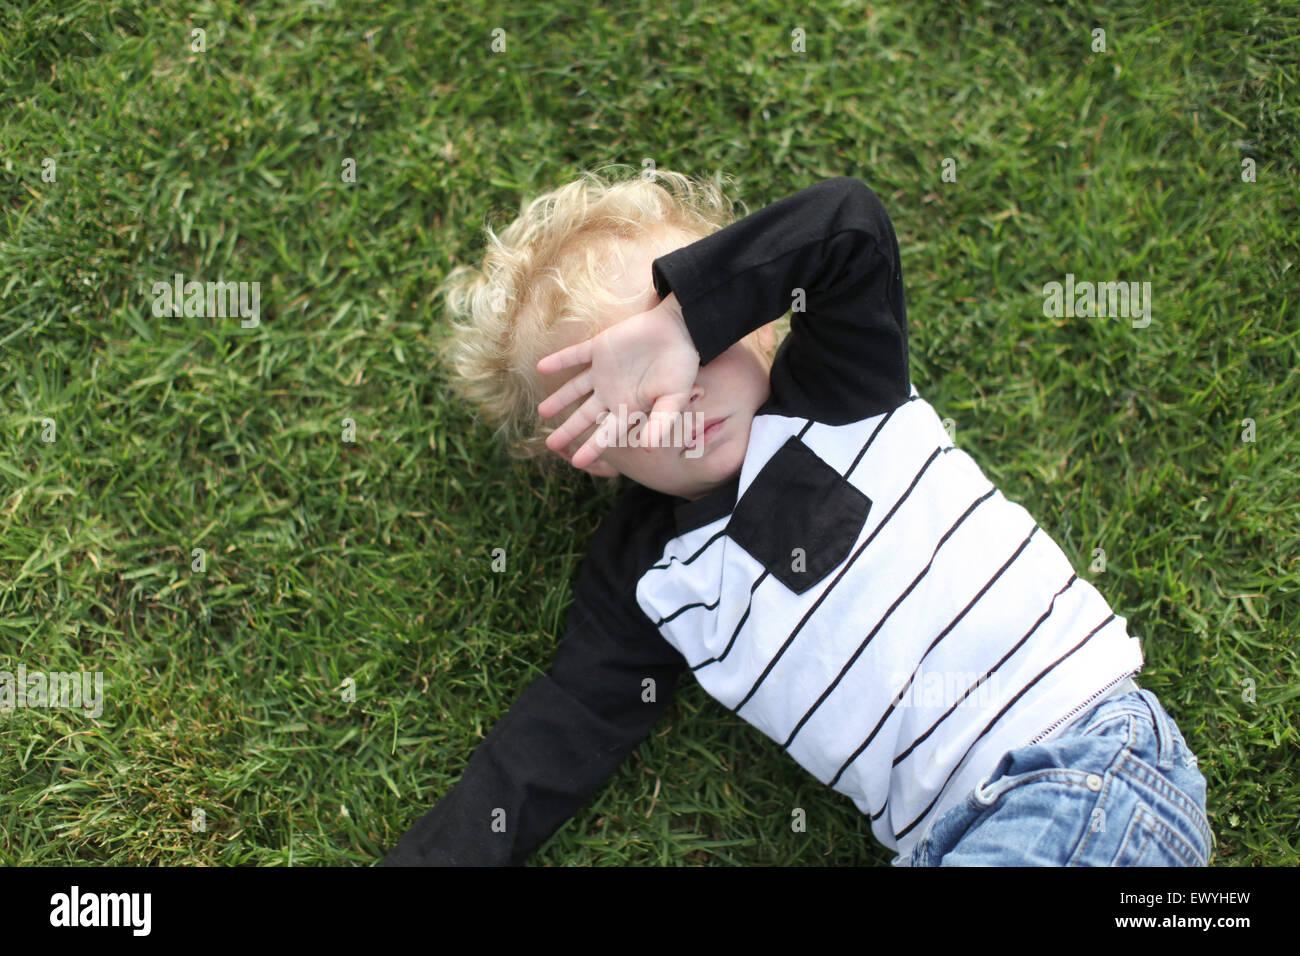 Junge mit Hand bedeckte Gesicht auf dem Boden liegend Stockbild